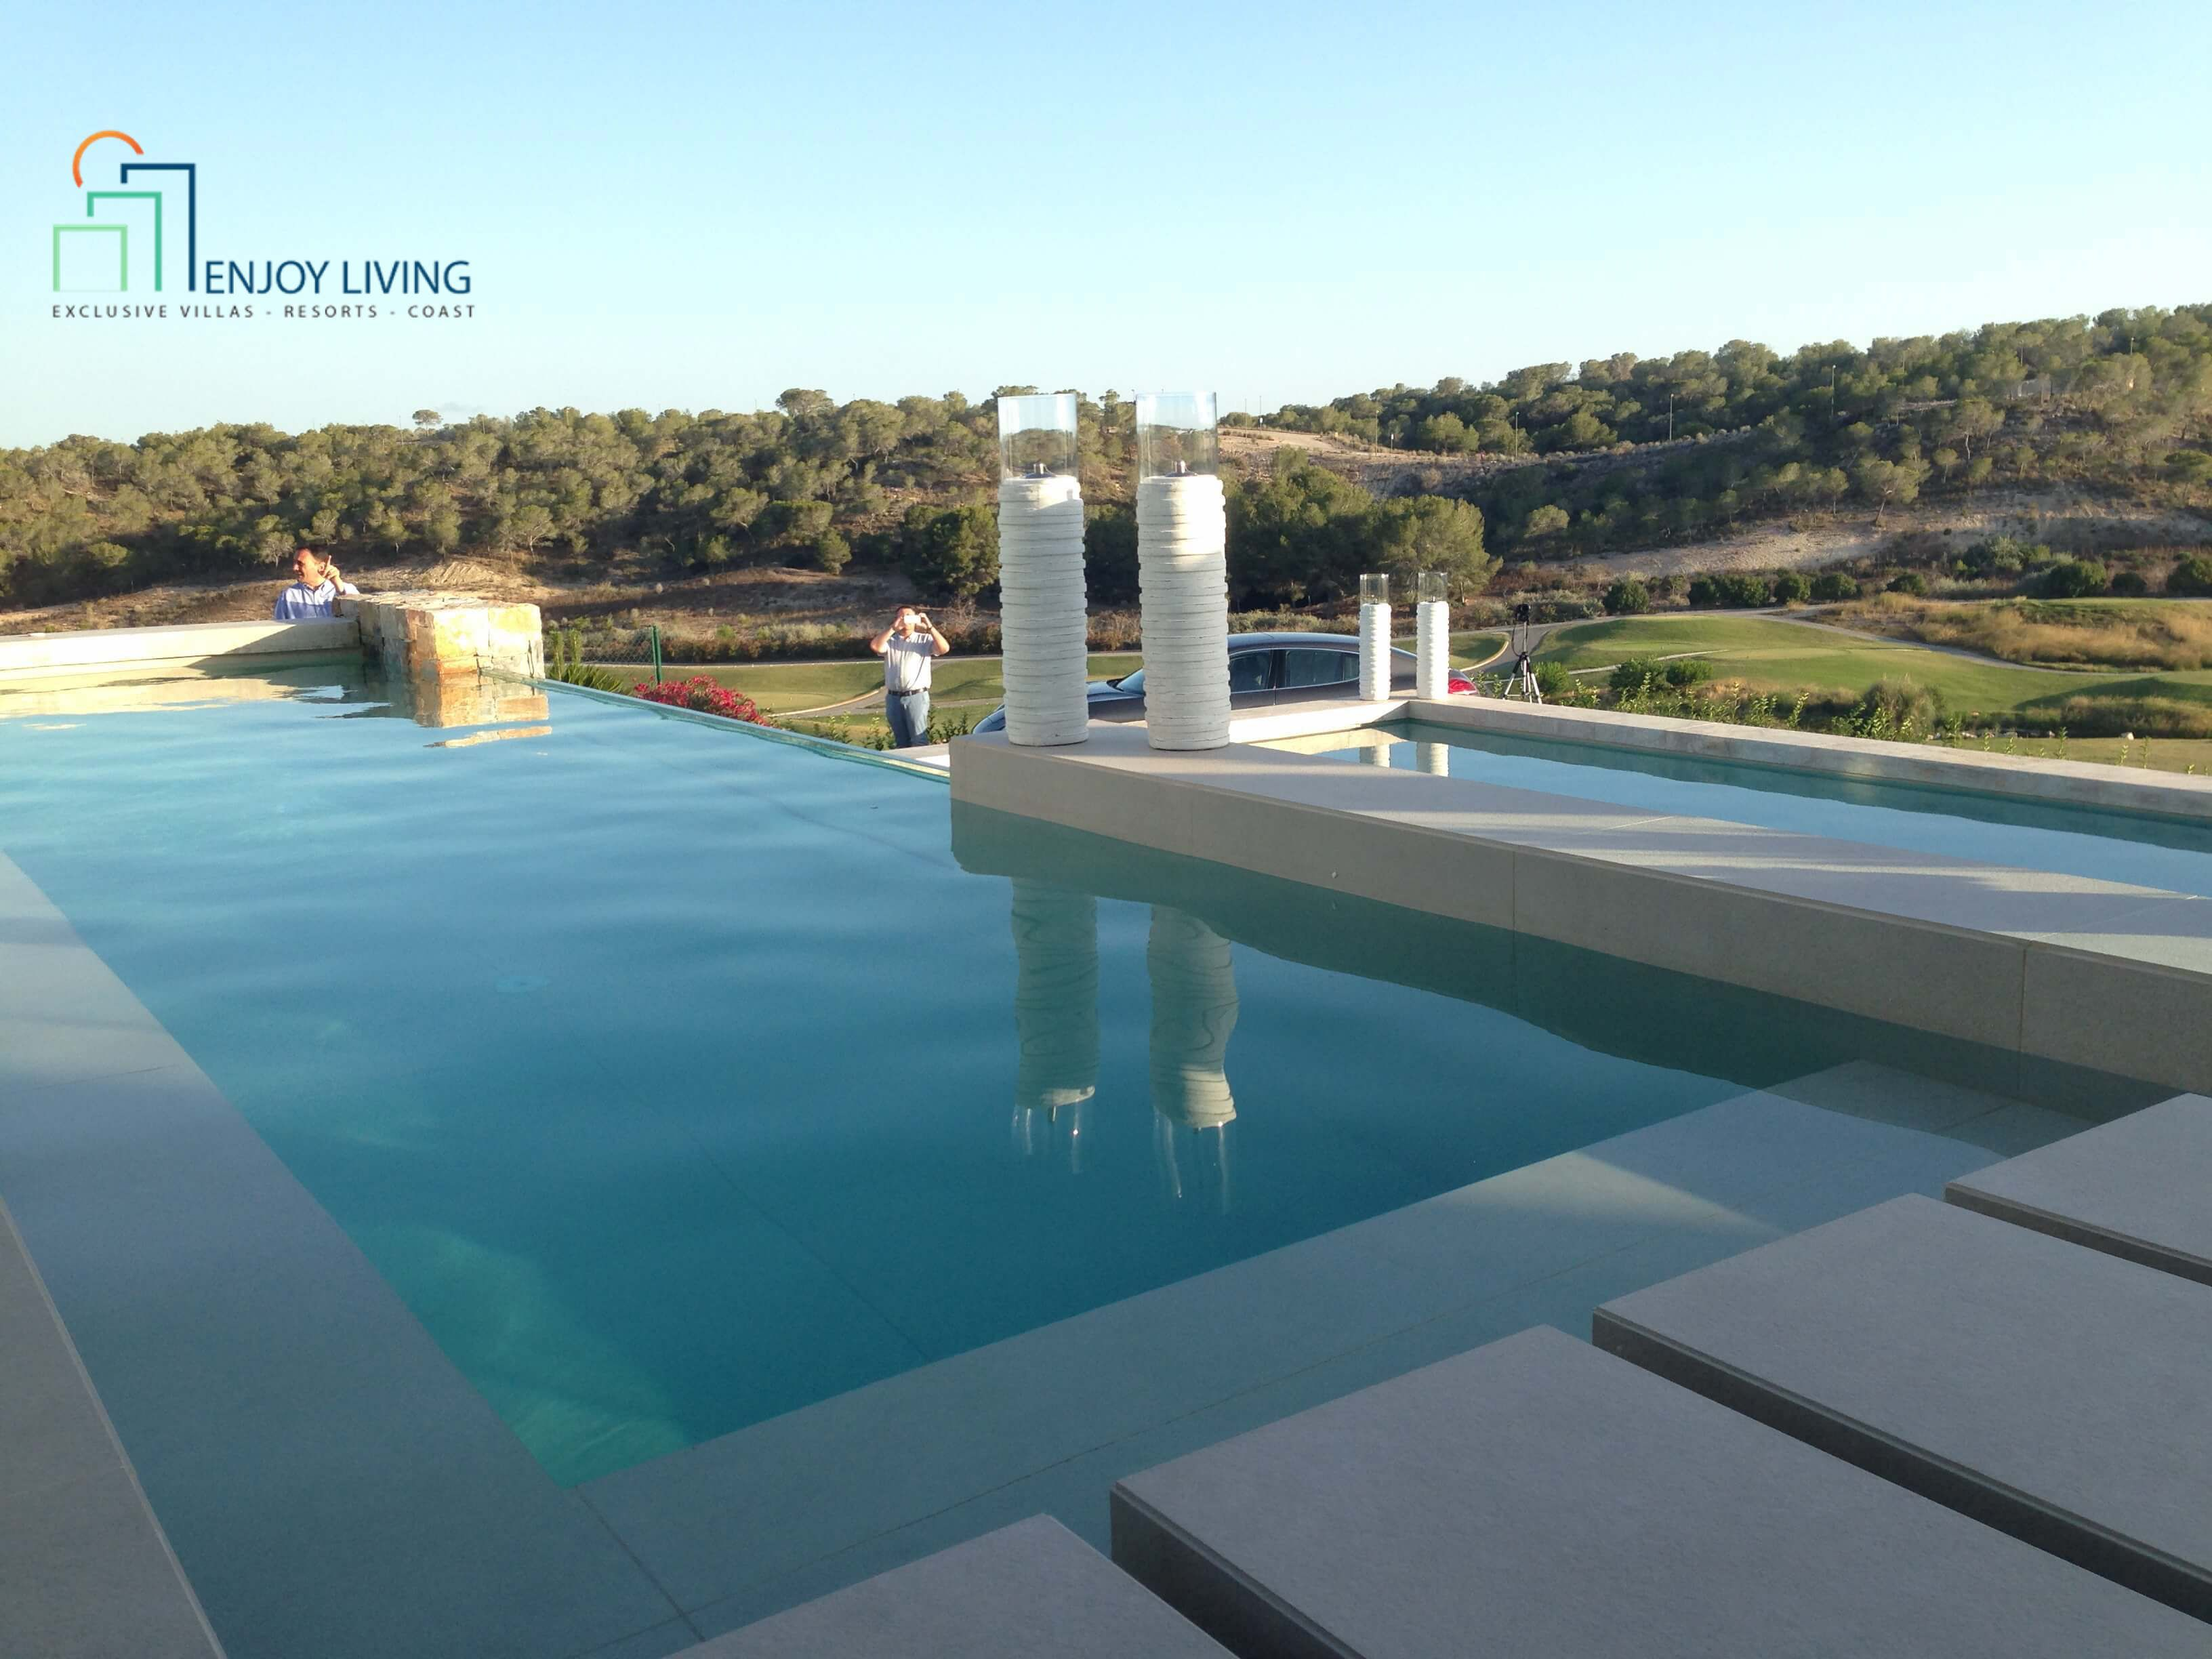 Alquiler propiedad España precio inmobiliario